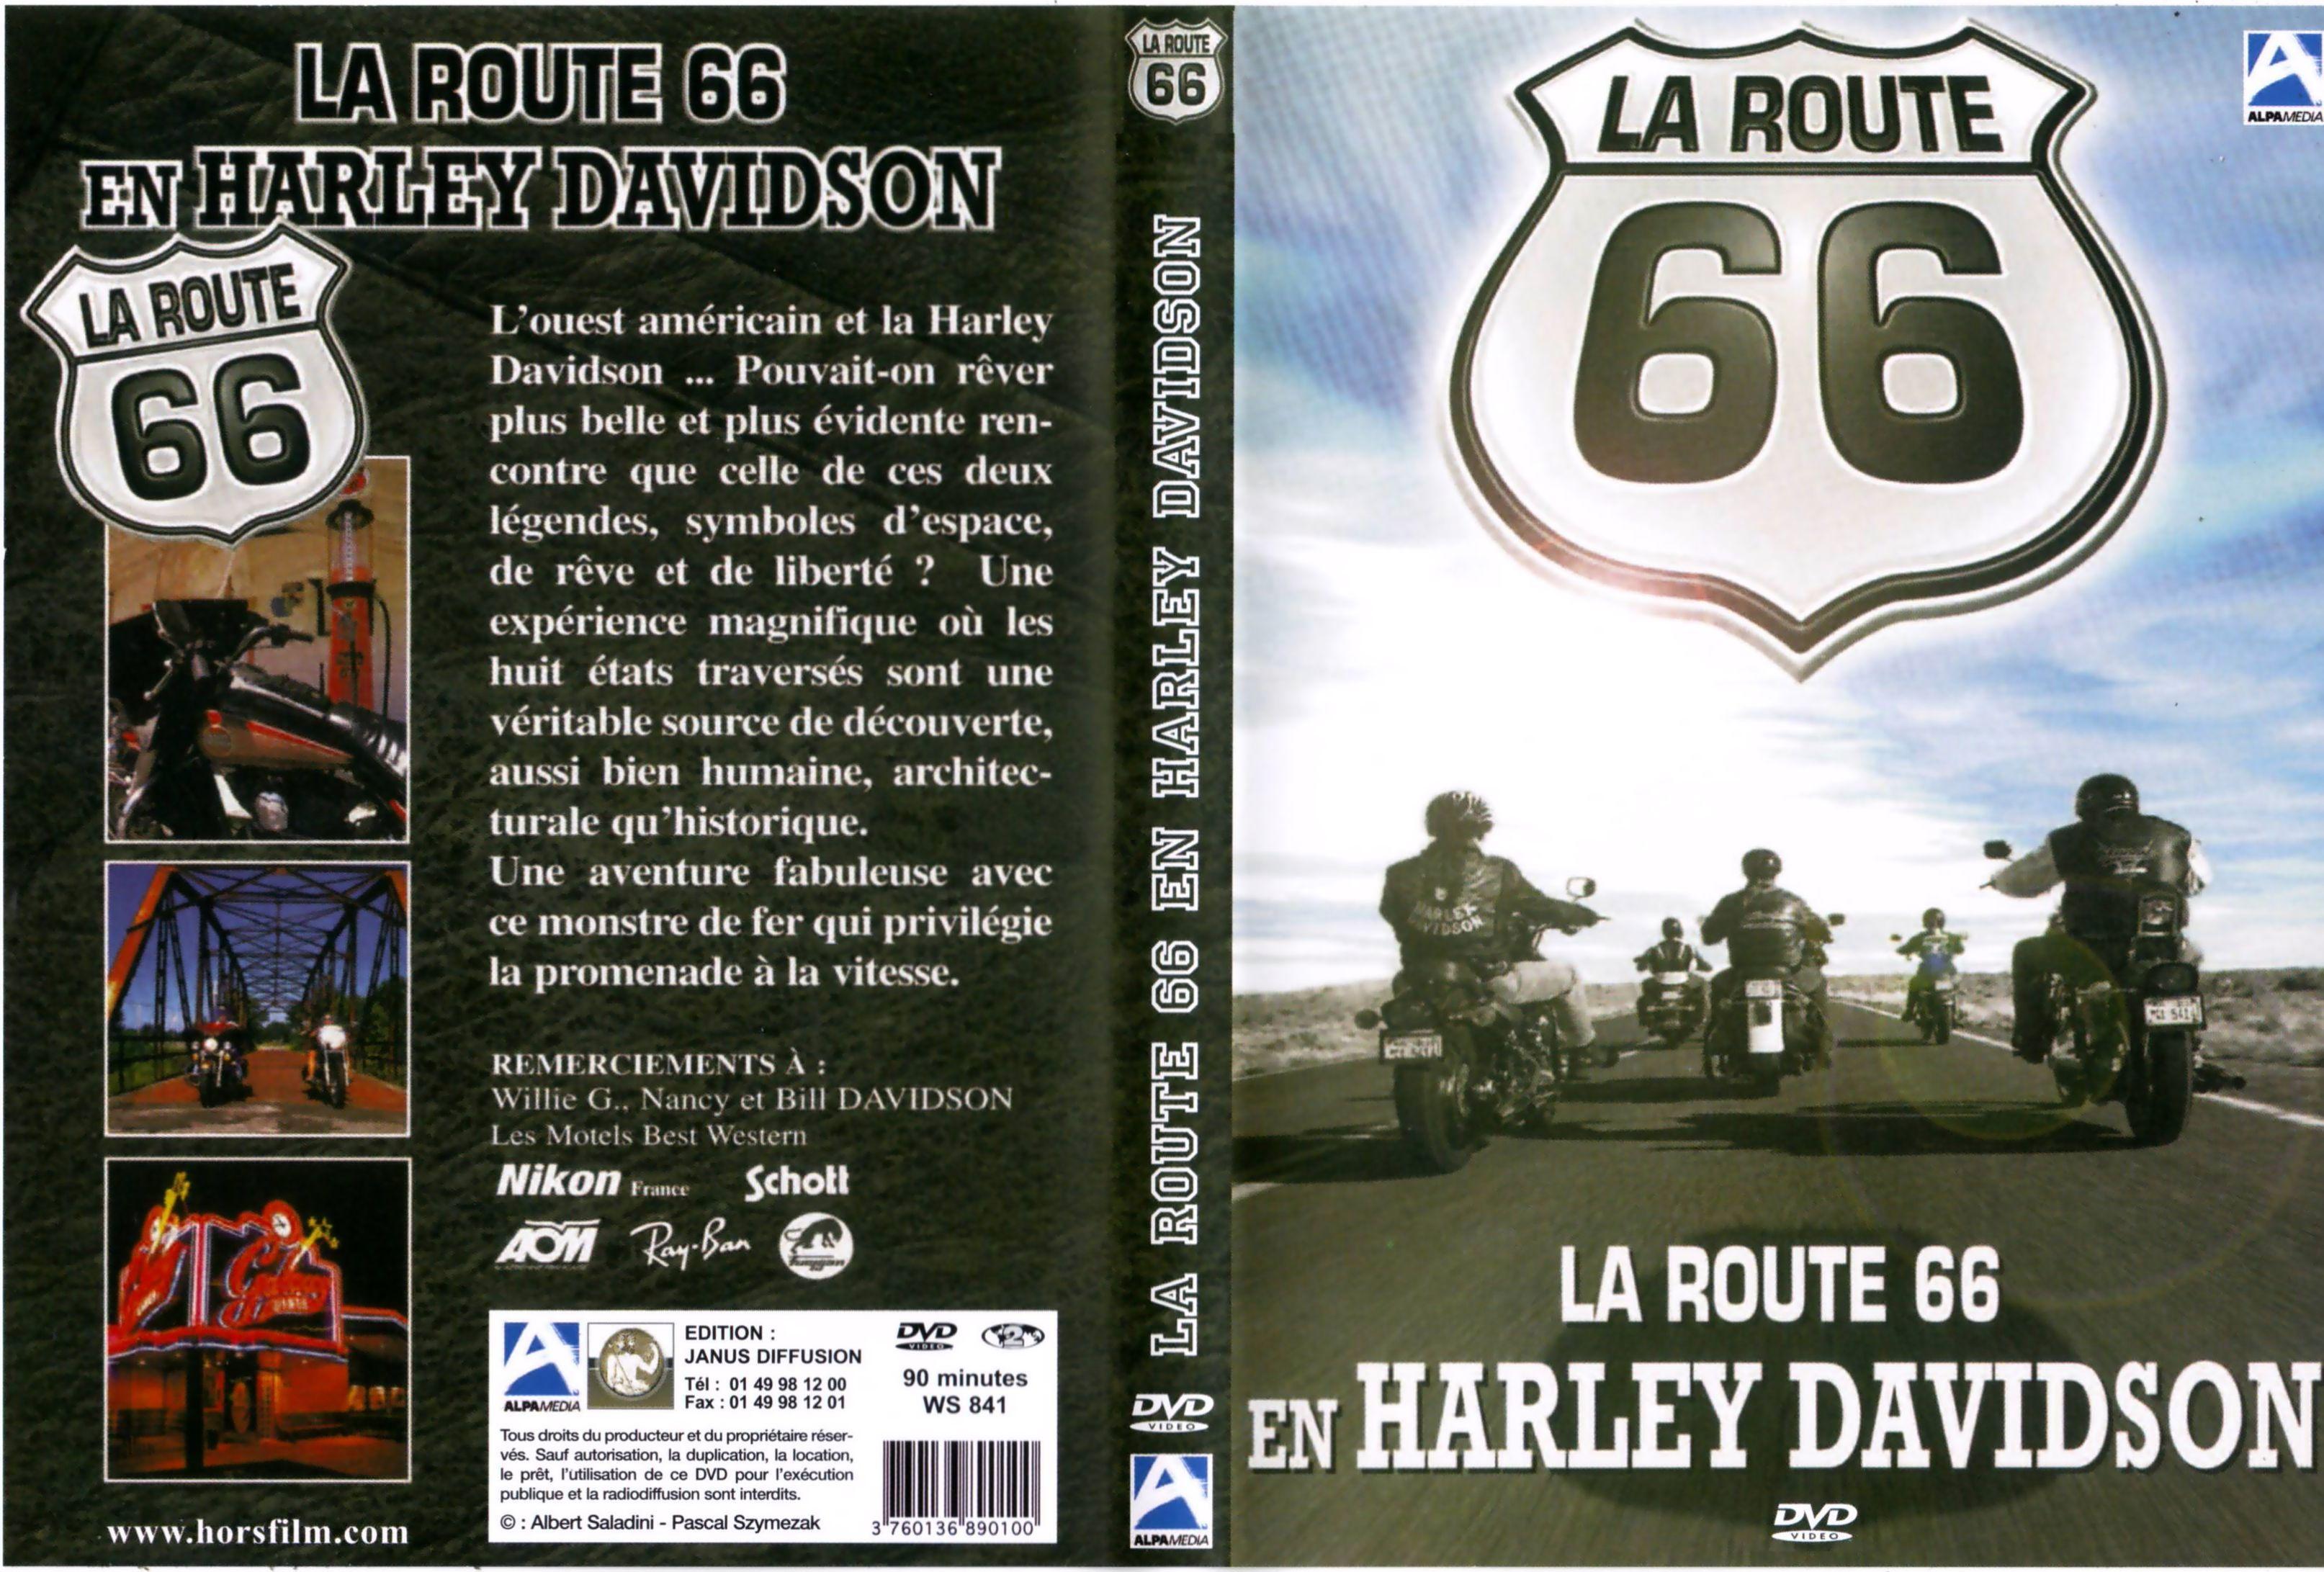 harley davidson route 66 art | jaquette dvd de la route 66 en